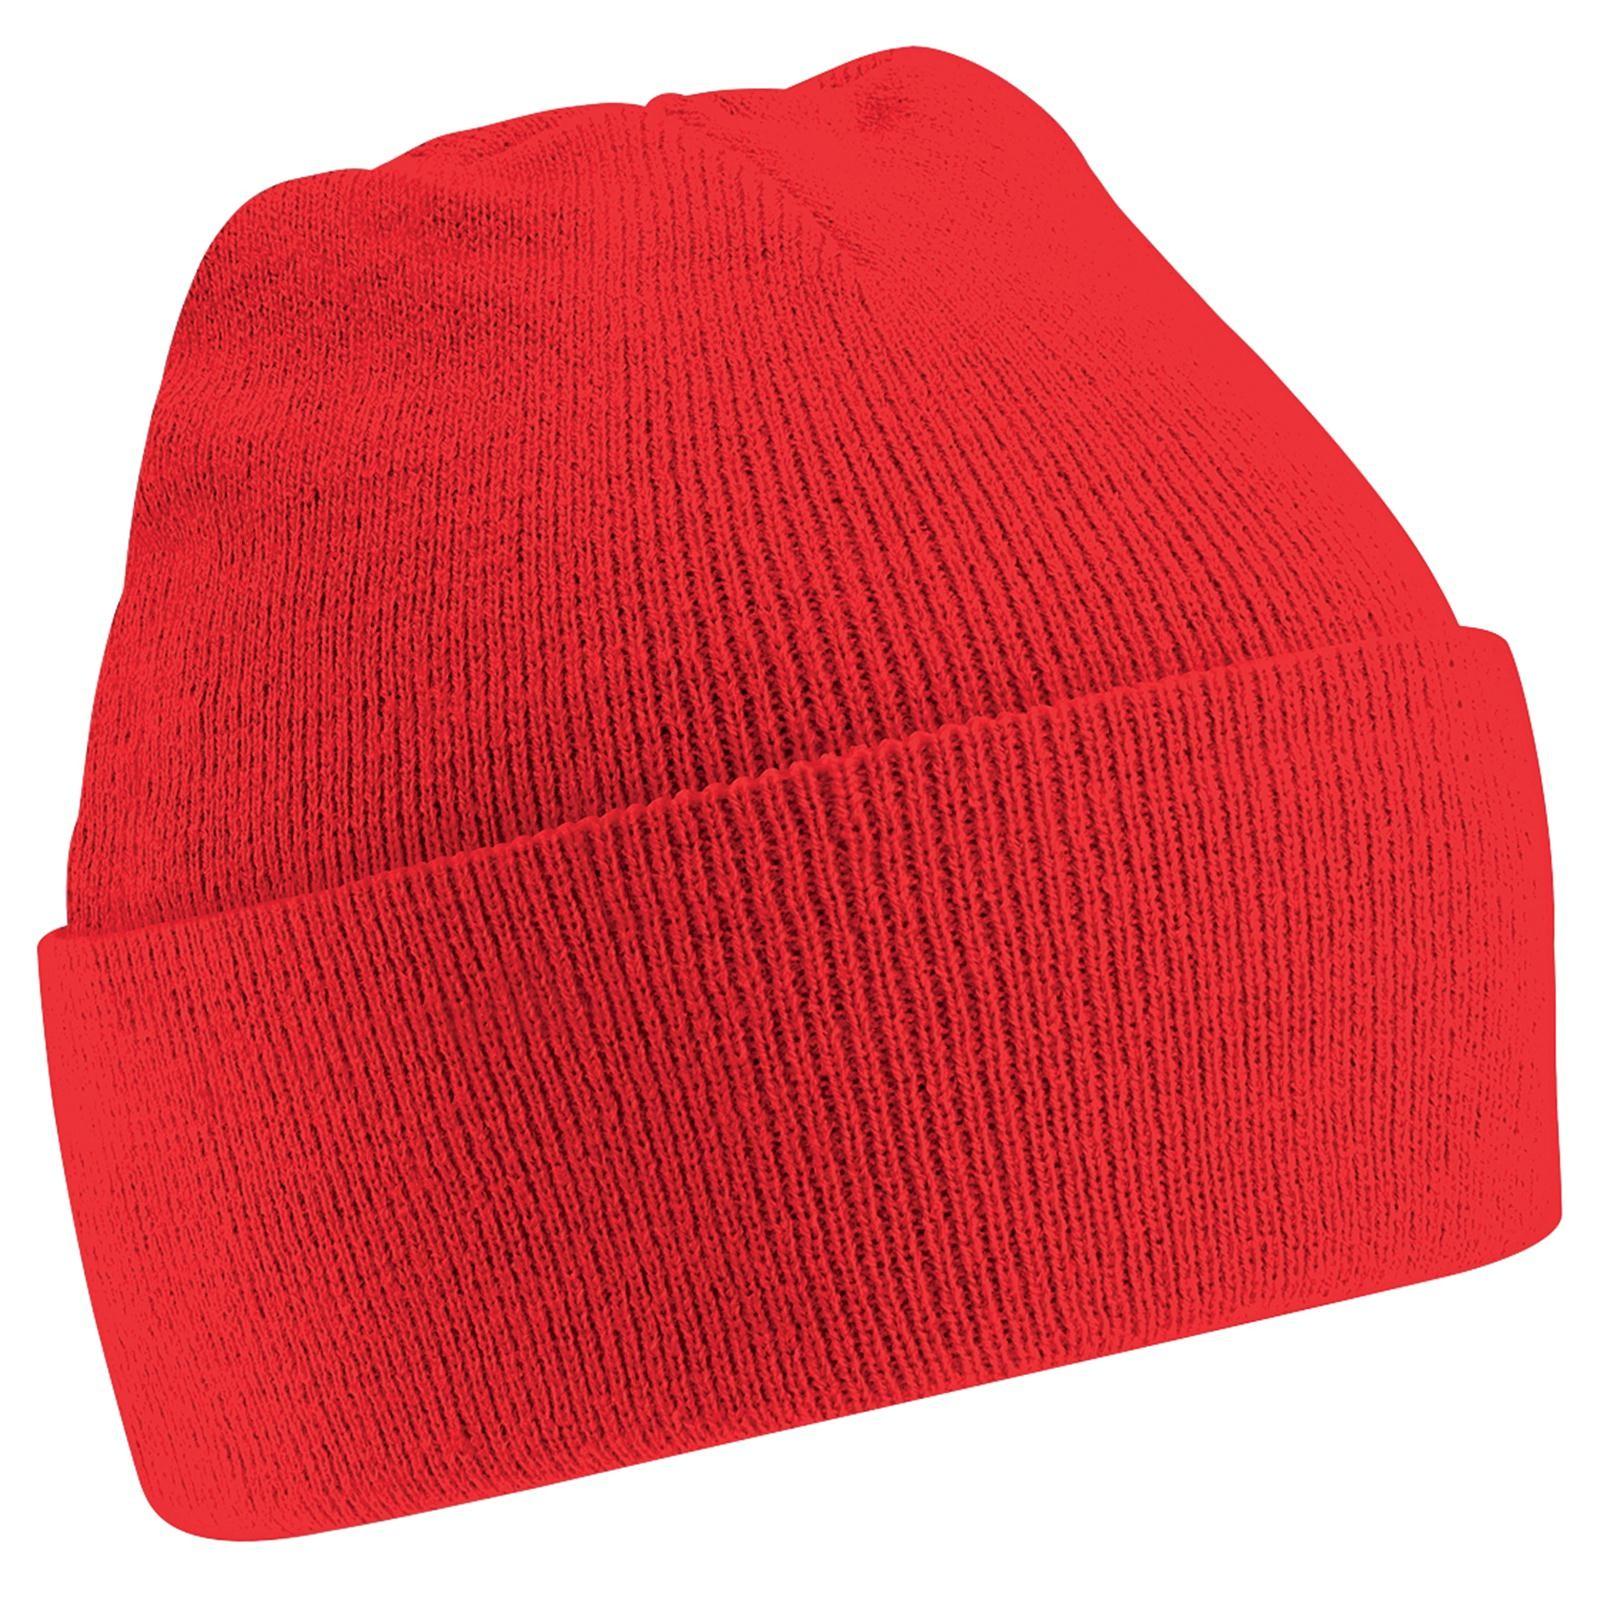 Altofts CC Red Beanie